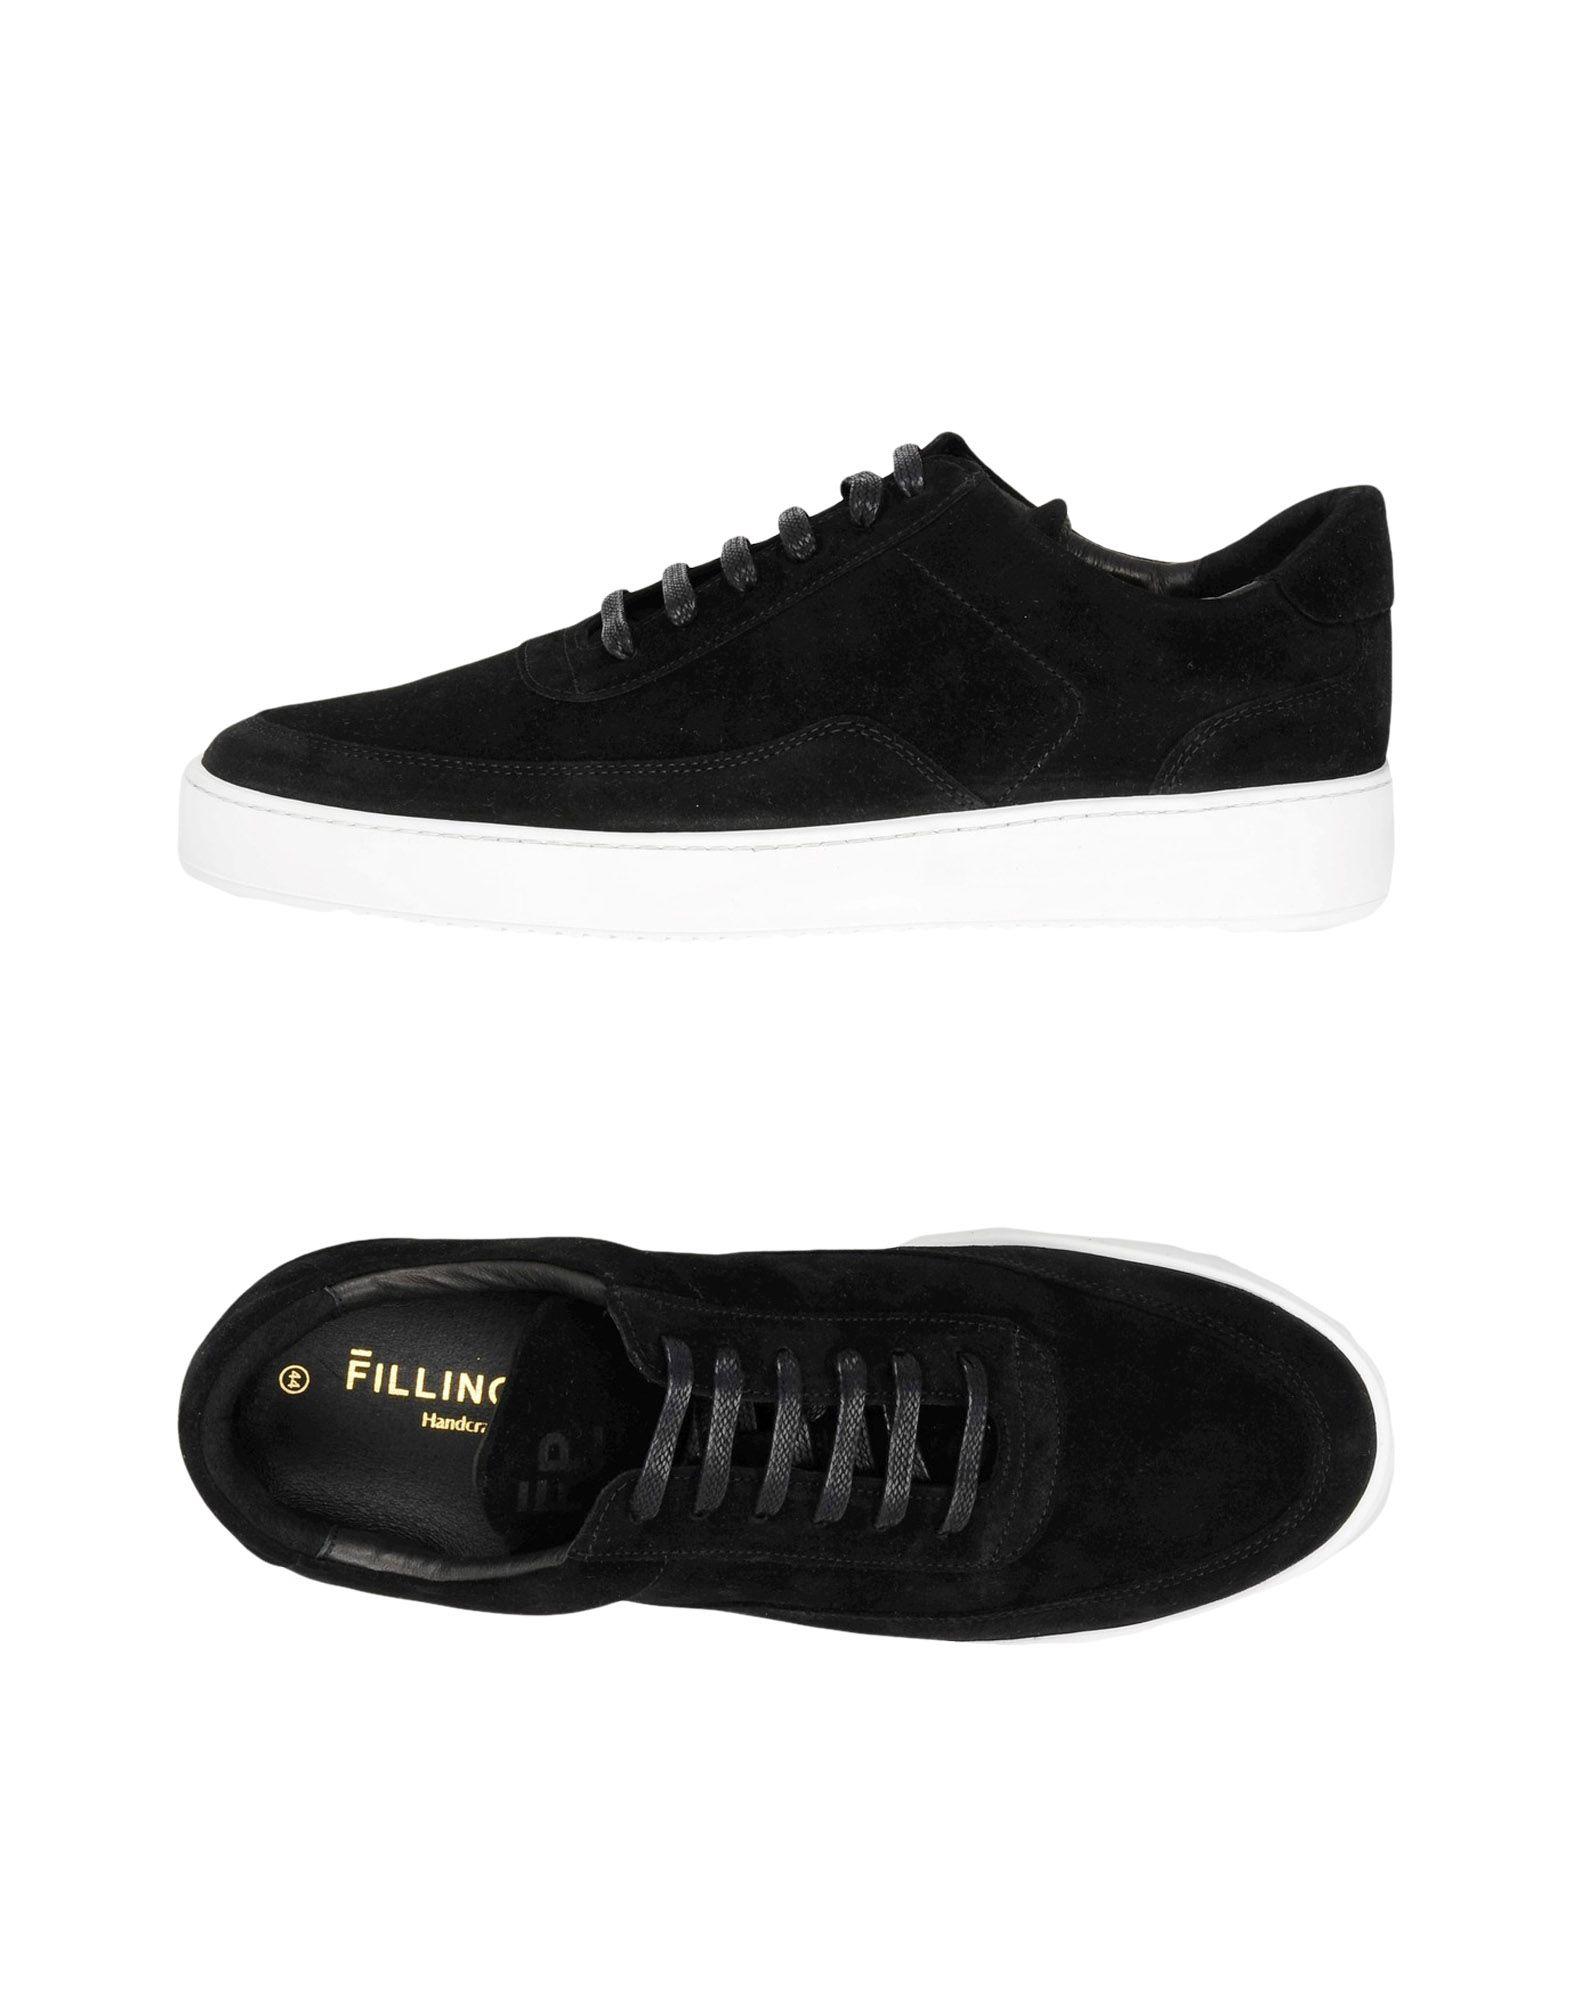 modelo más vendido de la marca Zapatillas Filling Low Pieces Low Filling Mondo Ripple Nardo Suede Black - Hombre - Zapatillas Filling Pieces 981da4